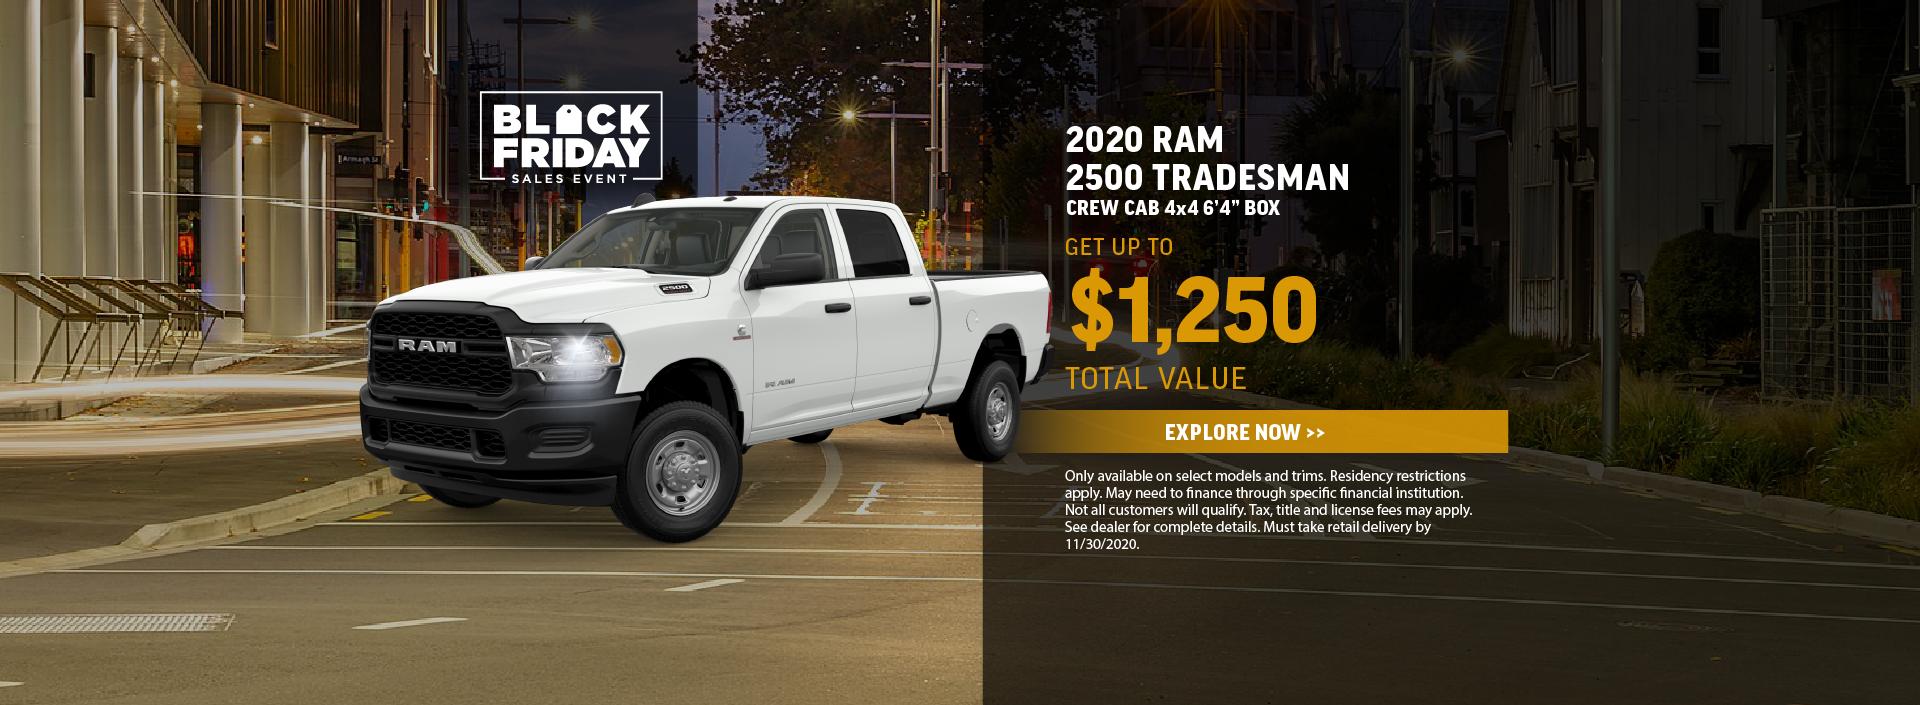 2020 Ram 2500 Offer